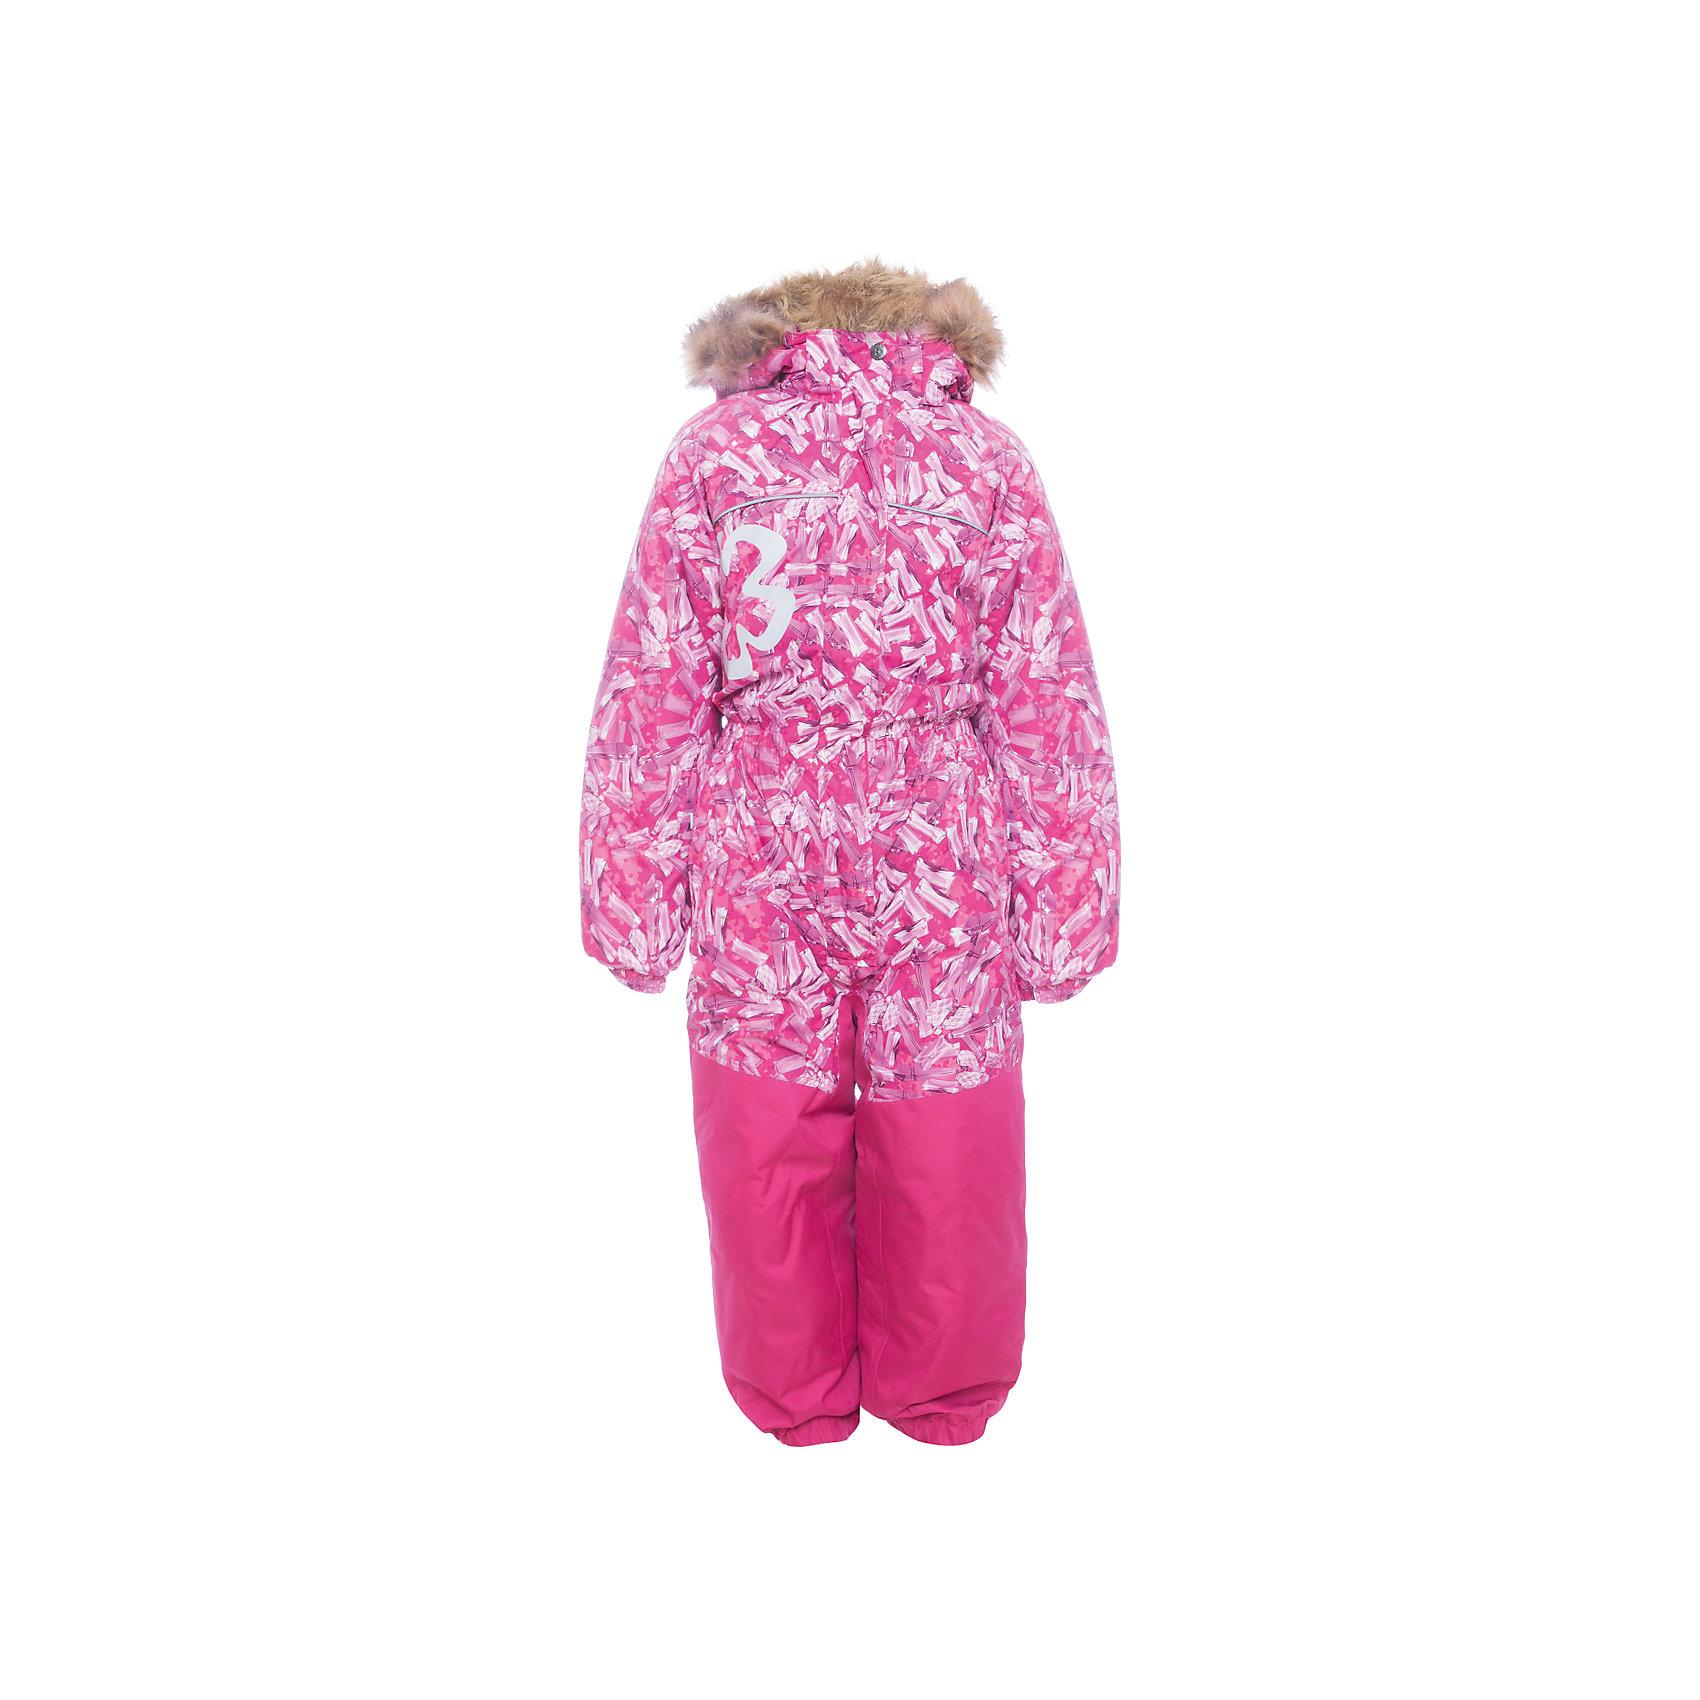 Комбинезон CHLOE 1 Huppa для девочкиВерхняя одежда<br>Характеристики товара:<br><br>• модель: Chloe 1;<br>• цвет: фуксия,принт ;<br>• пол: девочка ;<br>• состав: 100% полиэстер;<br>• утеплитель: полиэстер, 300 гр.;<br>• подкладка: тафта/флис;<br>• сезон: зима;<br>• температурный режим: от -5 до - 30С;<br>• водонепроницаемость: 5000 мм вверх/10000 мм низ ;<br>• воздухопроницаемость: 5000 вверх/ 10000 низ г/м2/24ч;<br>• водо- и ветронепроницаемый, дышащий и грязеотталкивающий материал;<br>• особенности модели: c рисунком, с мехом;<br>• капюшон для большего удобства крепится на кнопки и, при необходимости, отстегивается;<br>• искусственный мех на капюшоне съемный ;<br>• сиденье и нижний край брючины выполнены из очень прочной ткани Cordura;<br>• cидельный шов, внутренние и боковые швы проклеены и не пропускают влагу;<br>• светоотражающих элементов для безопасности ребенка;<br>• внутренний и боковые карманы застегиваются на молнию;<br>• манжеты брюк и рукавов эластичные, на резинках;<br>• съемные силиконовые штрипки;<br>• страна бренда: Финляндия;<br>• страна изготовитель: Эстония.<br><br>Комбинезон Chloe 1 для девочки Водо и воздухонепроницаемый. Важный критерий при выборе комбинезона для девочки - это количество утеплителя, ведь малыши еще малоподвижны, поэтому комбинезон должен быть теплым. В модели Chloe 1 300 грамм утеплителя, которые обеспечат тепло и комфорт ребенку при температуре от -5 до -30 градусов. Подкладка — тафта/флис. <br><br>Функциональные элемент: капюшон отстегивается с помощью кнопок, мех отстегивается, все карманы на молнии, манжеты на резинке, съемные силиконовые штрипки, светоотражающие элементы.<br><br>Комбинезон  Chloe 1  для девочки Huppa (Хуппа) можно купить в нашем интернет-магазине.<br><br>Ширина мм: 356<br>Глубина мм: 10<br>Высота мм: 245<br>Вес г: 519<br>Цвет: фуксия<br>Возраст от месяцев: 96<br>Возраст до месяцев: 108<br>Пол: Женский<br>Возраст: Детский<br>Размер: 134,92,98,104,110,116,122,128<br>SKU: 7024544